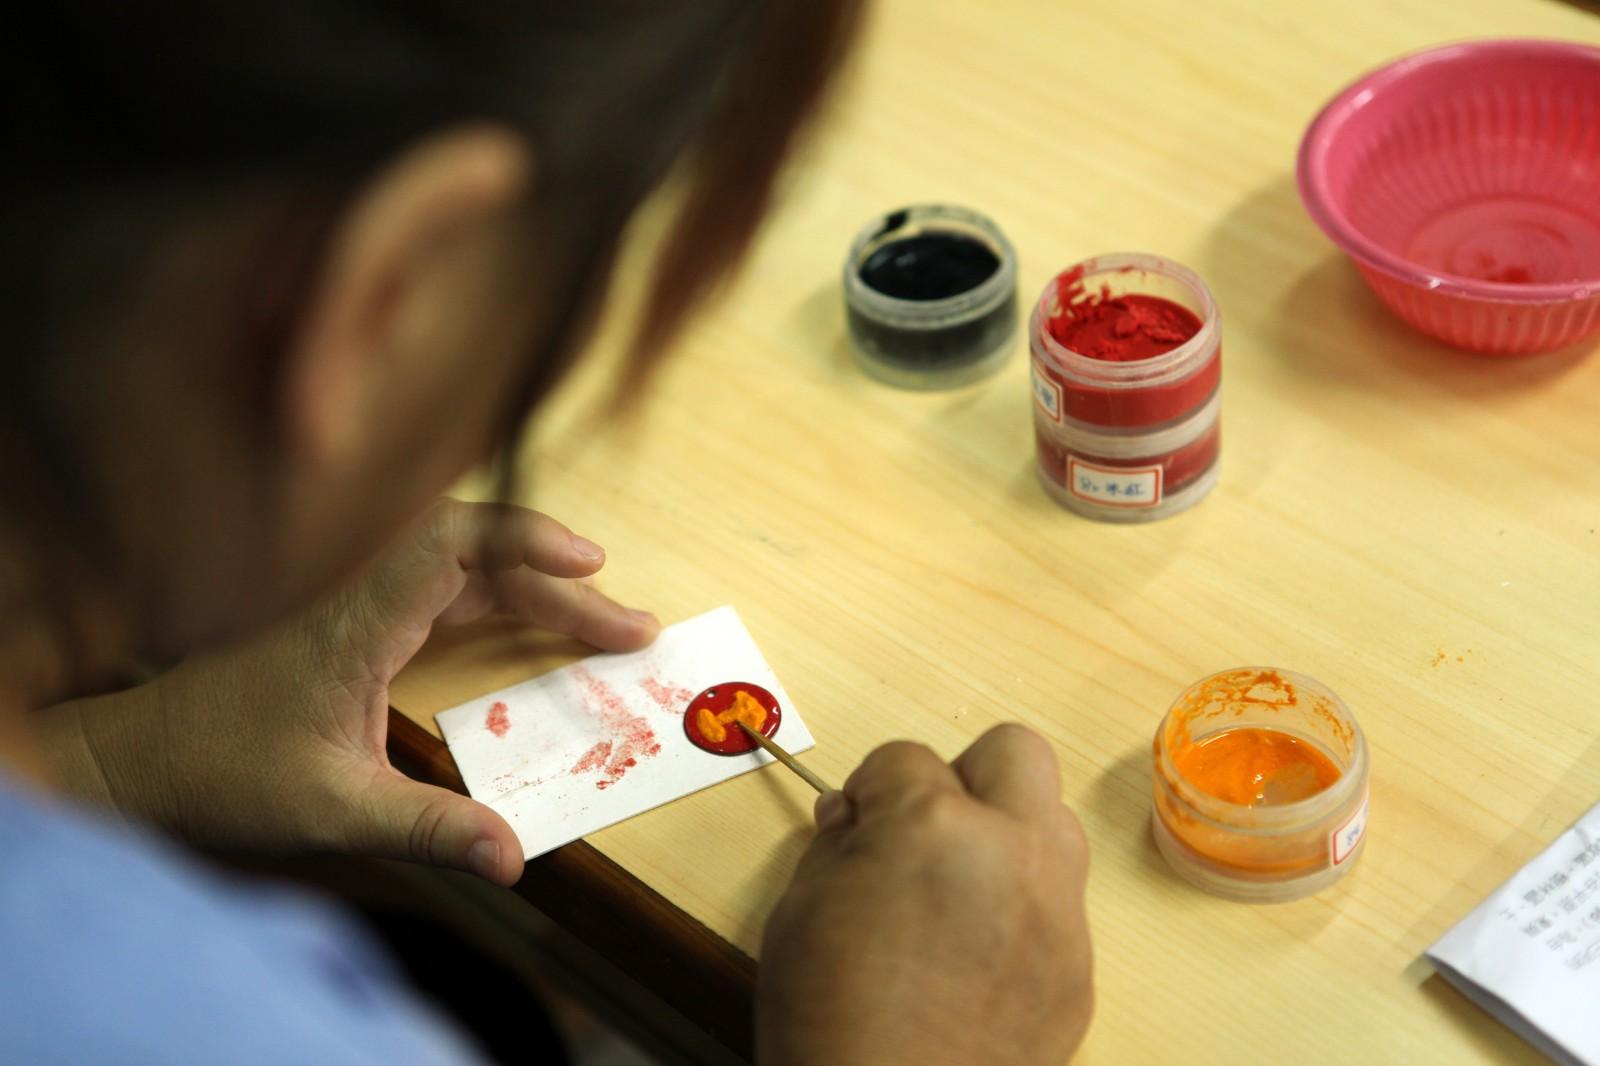 源自於中國的傳統技藝,學名銅胎掐絲琺瑯。  三峽玩火女孩薛慈雯老師,除了是現代琉璃工藝藝術家,讓旅人親自動手做出古代傳承下來的一門藝術, 運用自己的巧思, 設計出獨特琺瑯飾品。 - 琺瑯體驗DIY -    合習聚落   甘樂文創   甘之如飴,樂在其中